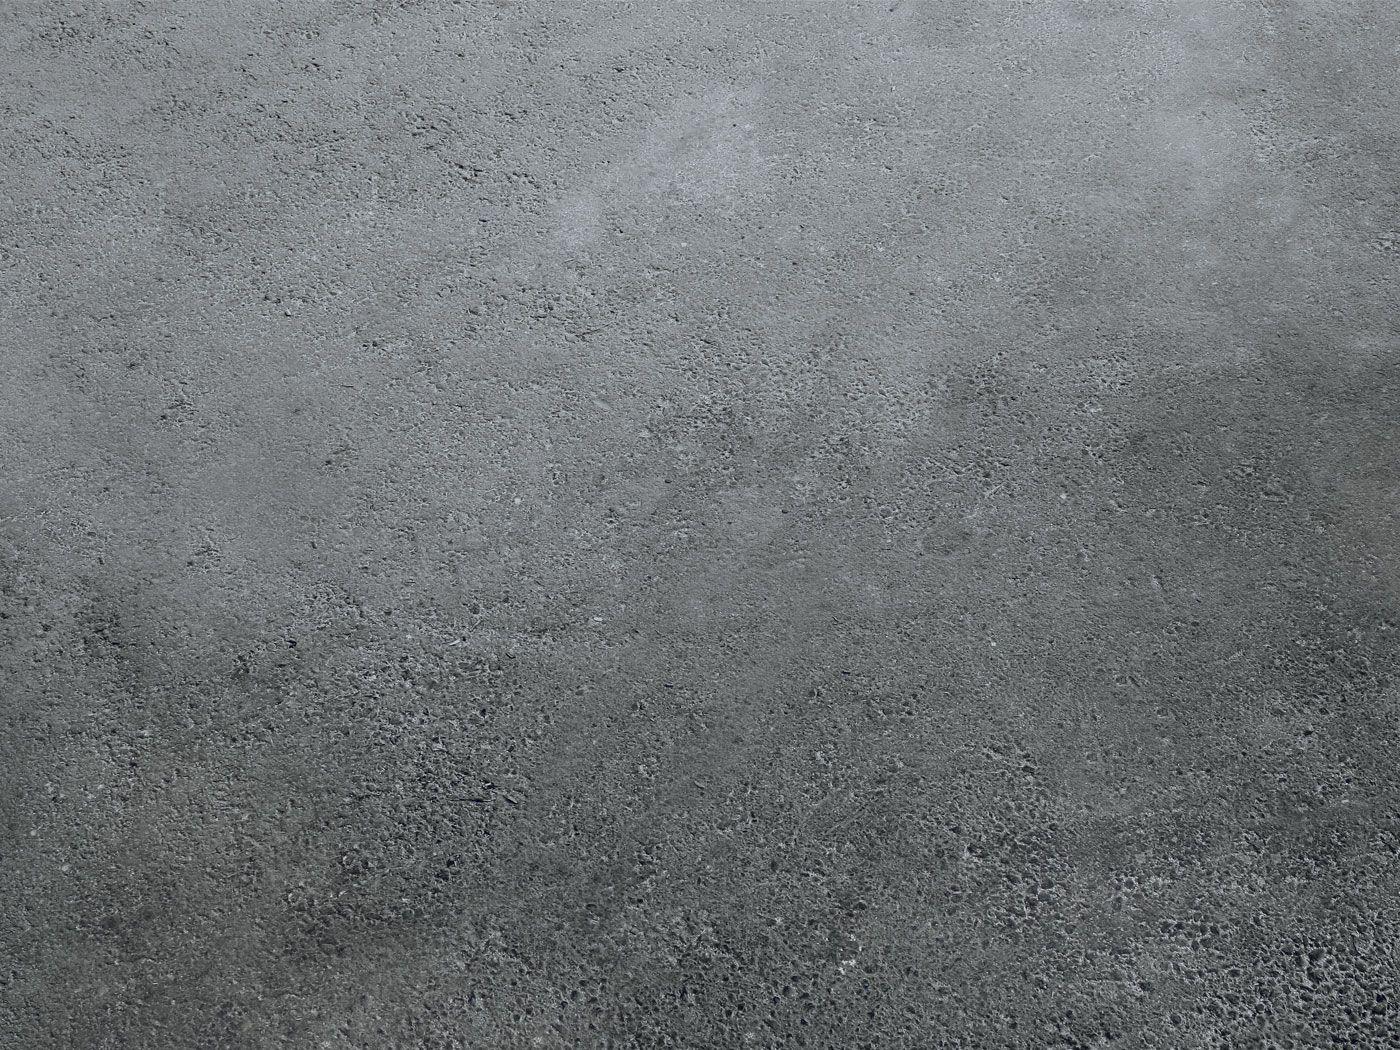 bodenbelag asphalt look geschliffener beton gt r. Black Bedroom Furniture Sets. Home Design Ideas